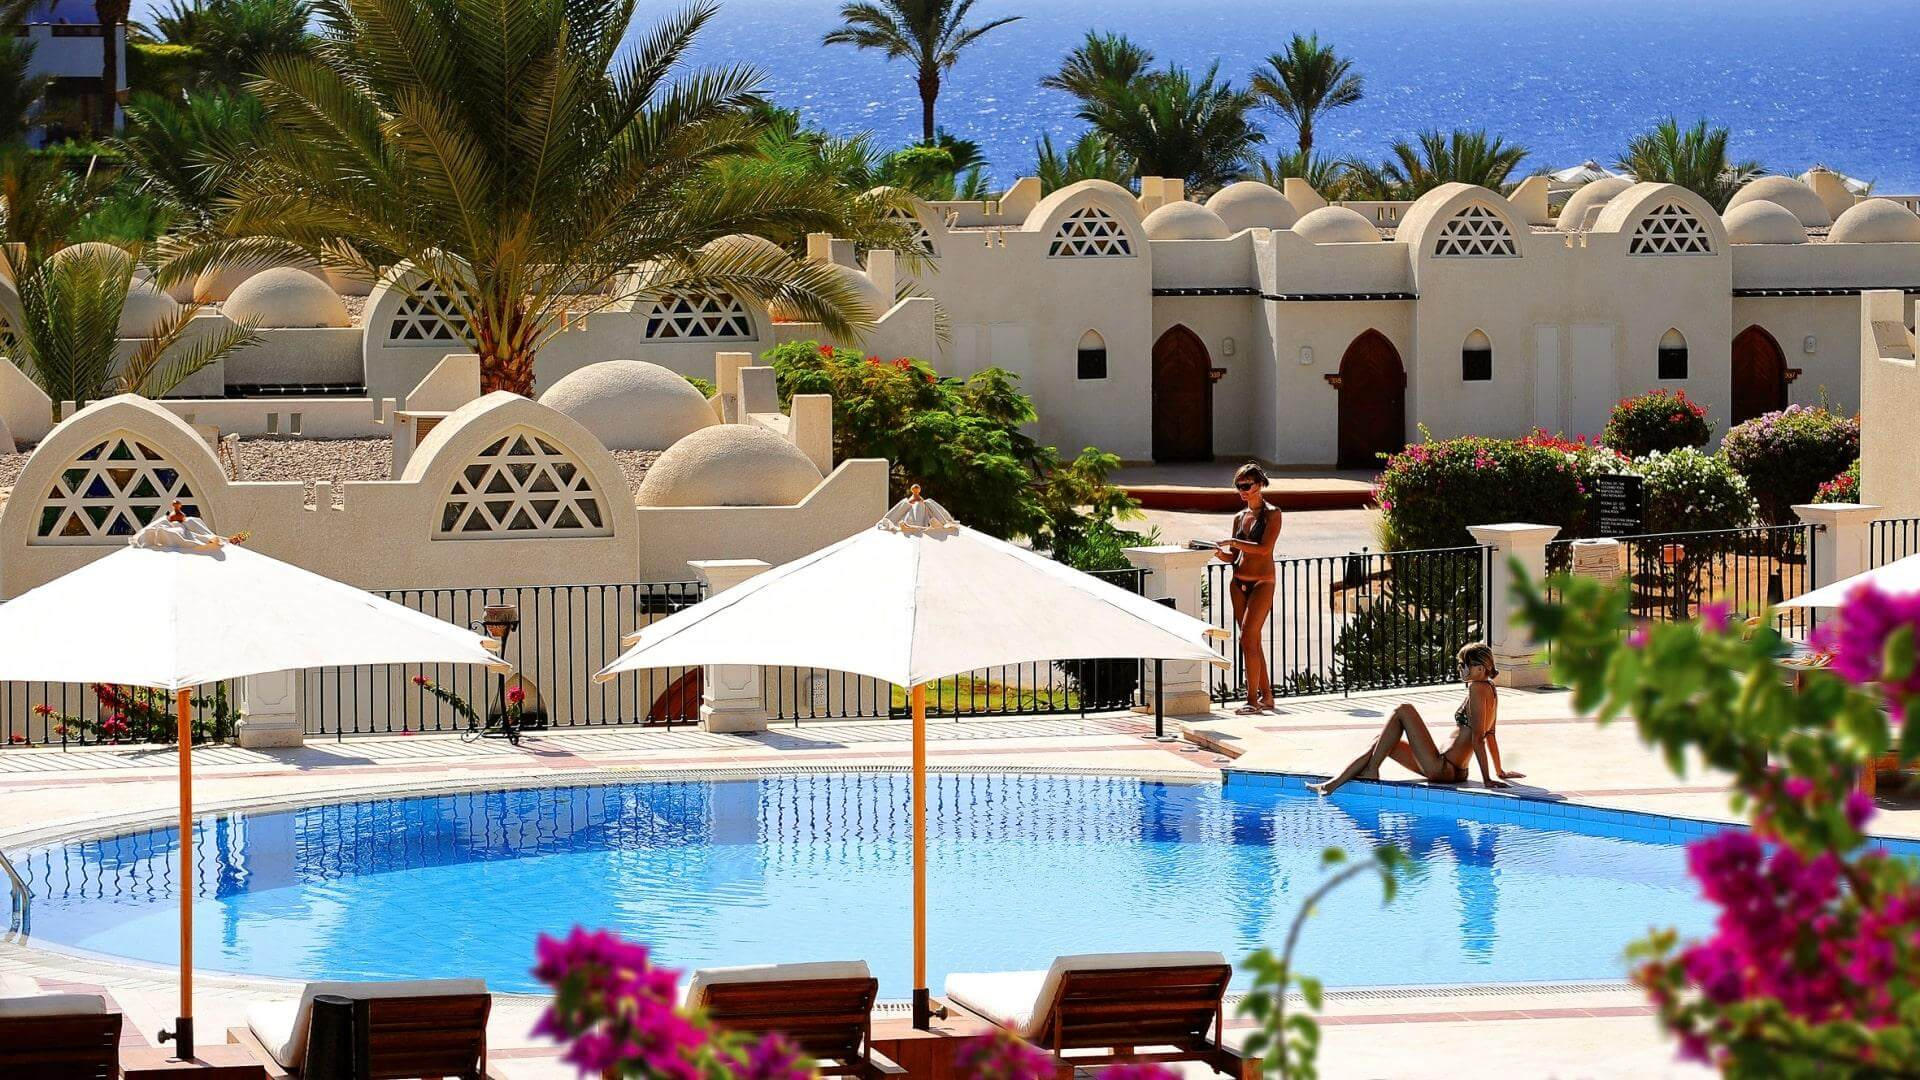 Фото отеля Reef Oasis Beach Resort 5* в Шарме